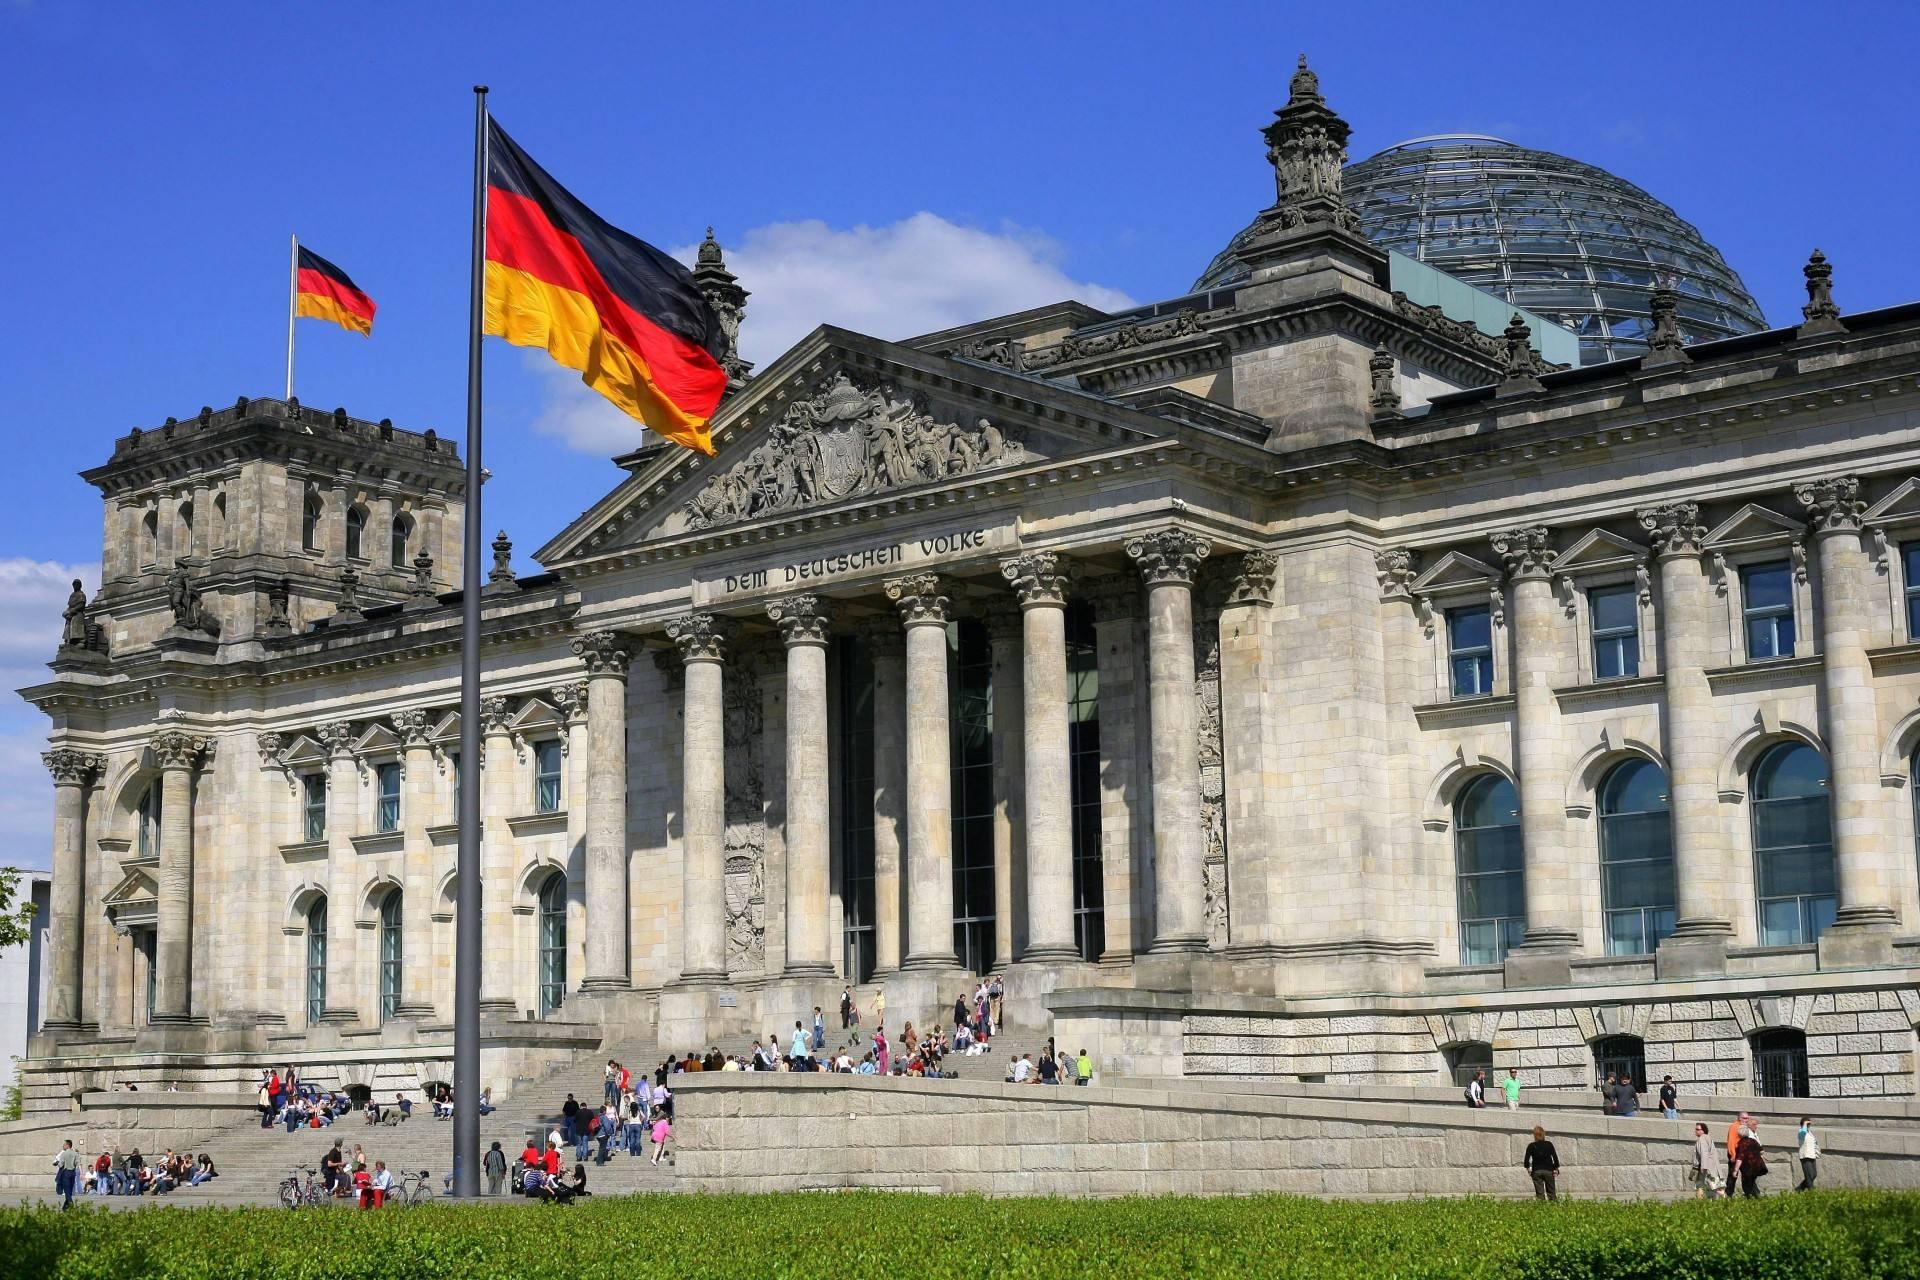 杭州德语学习培训:yyds流行语在德语中是怎样使用的?